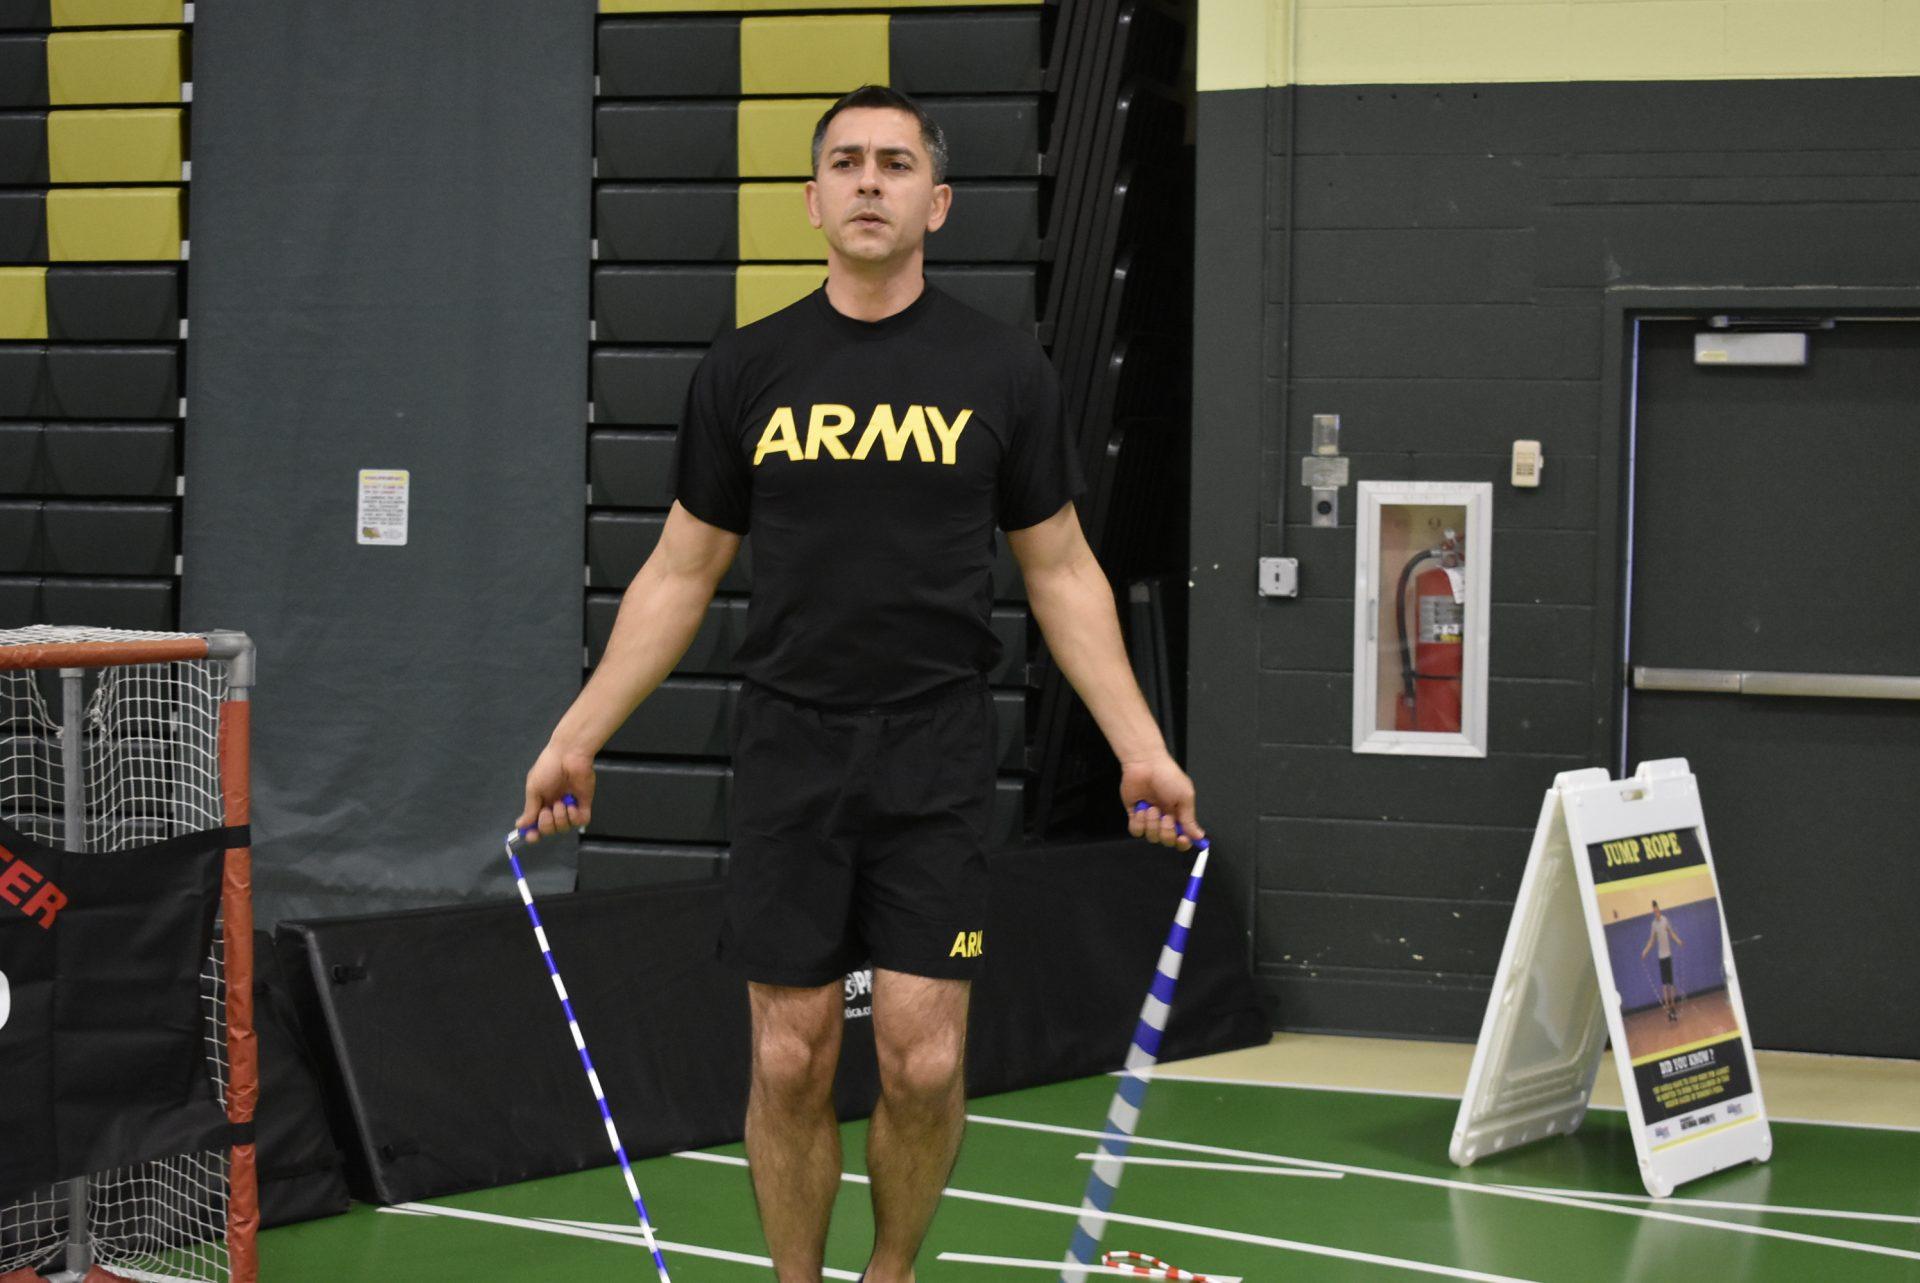 Army member jump roping